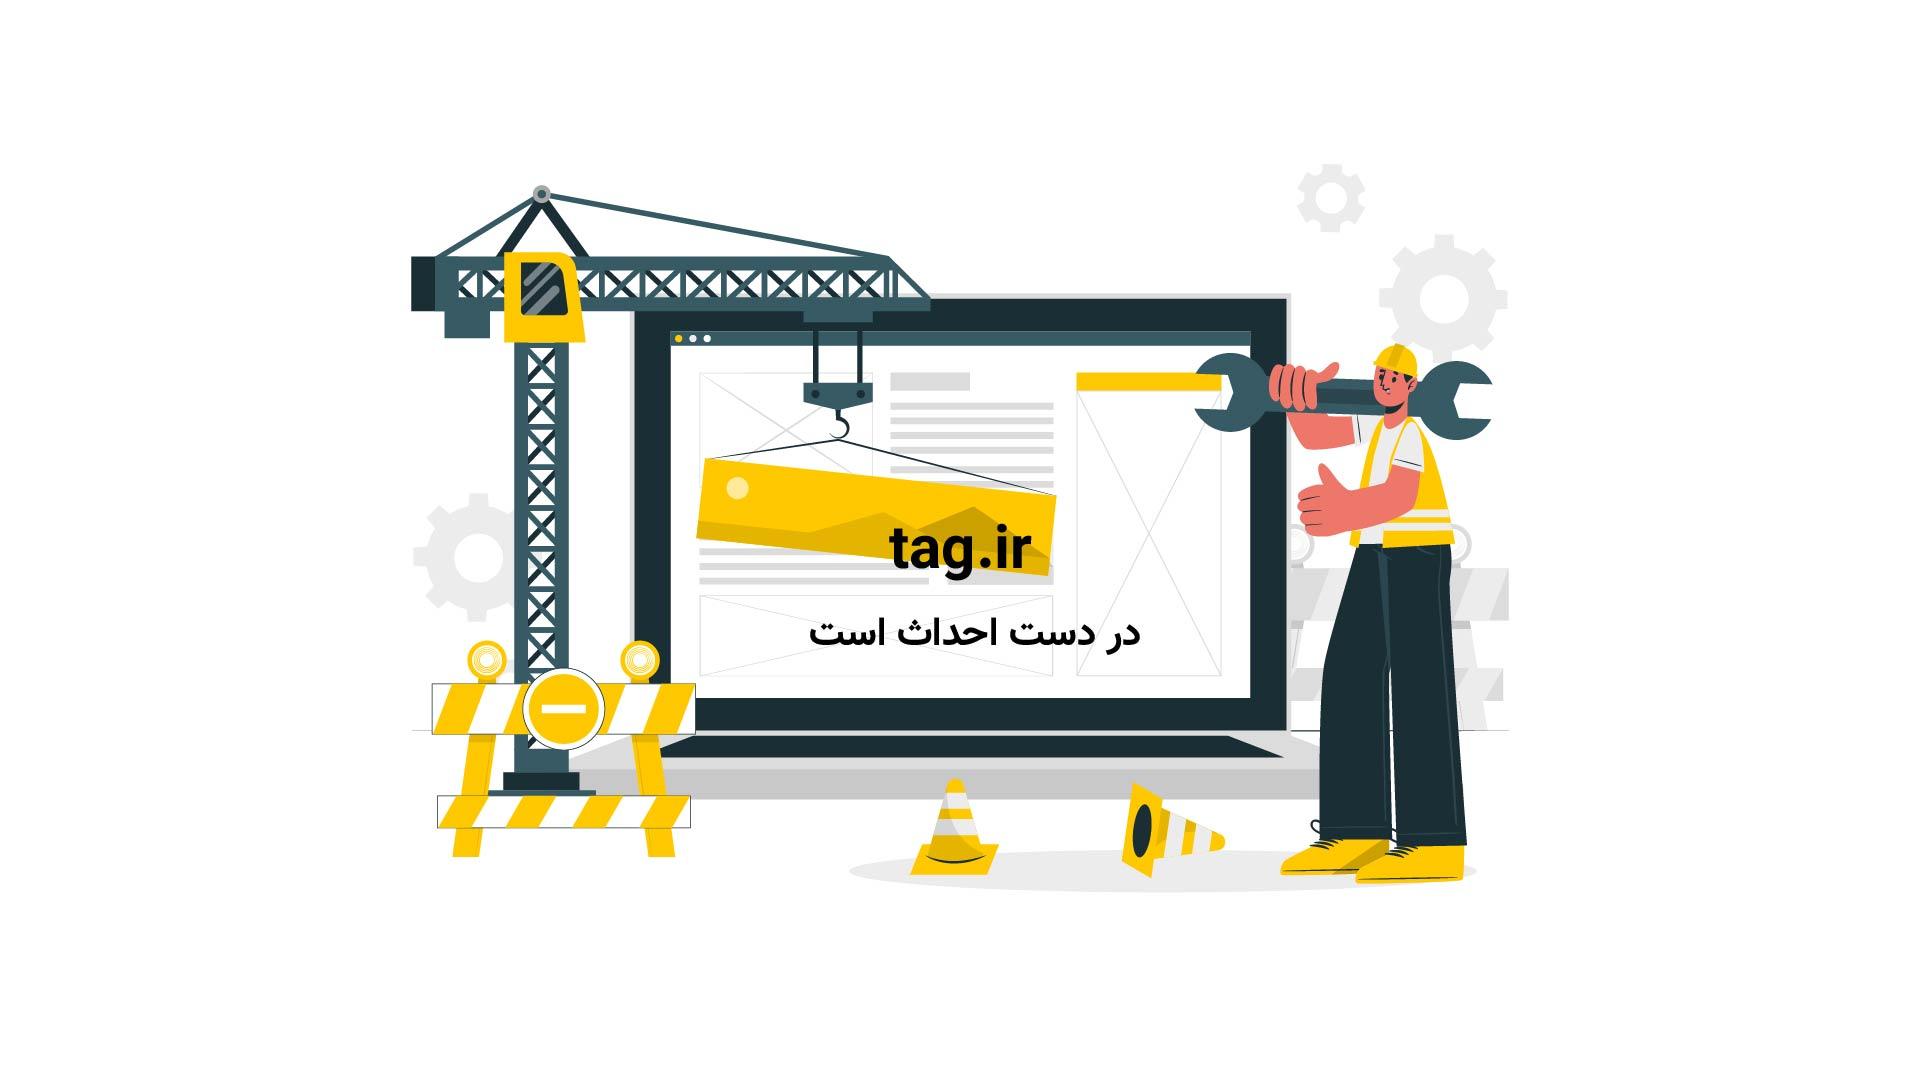 نماد اعتماد الکترونیک | تگ